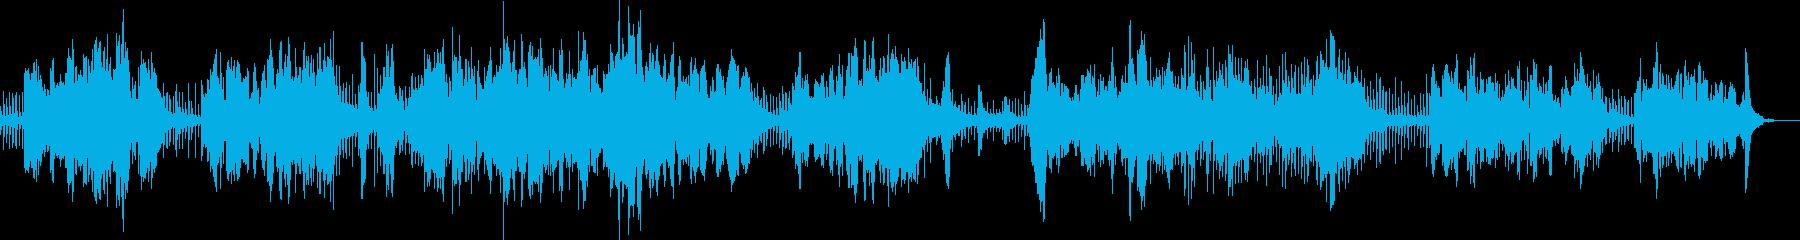 二胡/シンセ/ピアノおっさん抜きの民族調の再生済みの波形